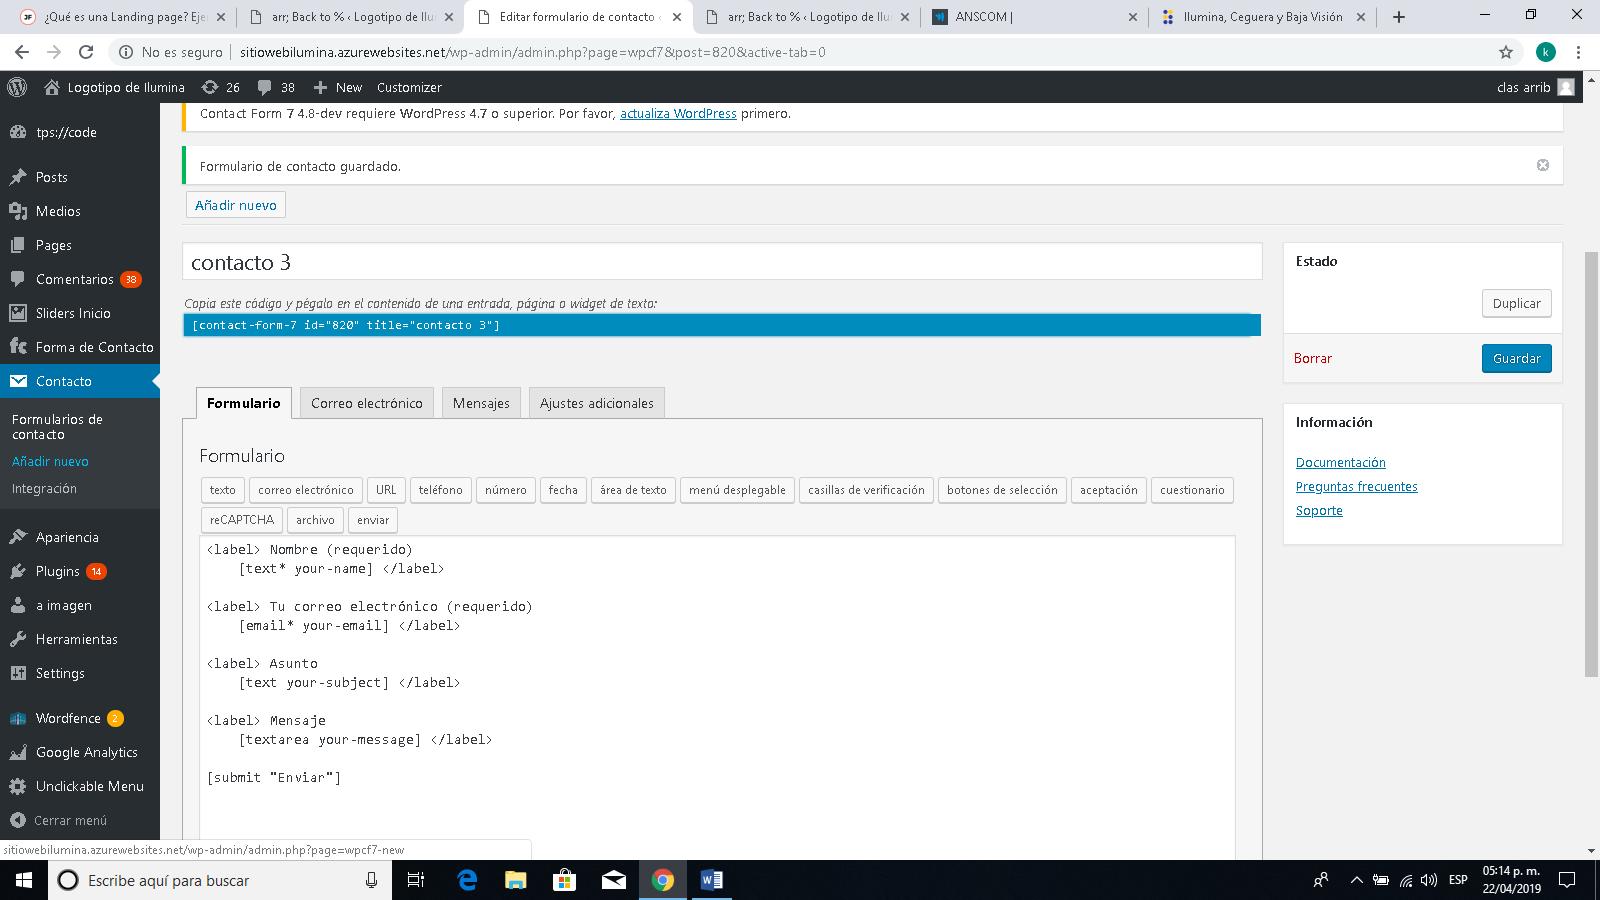 Cómo crear un formulario de contacto en Wordpress